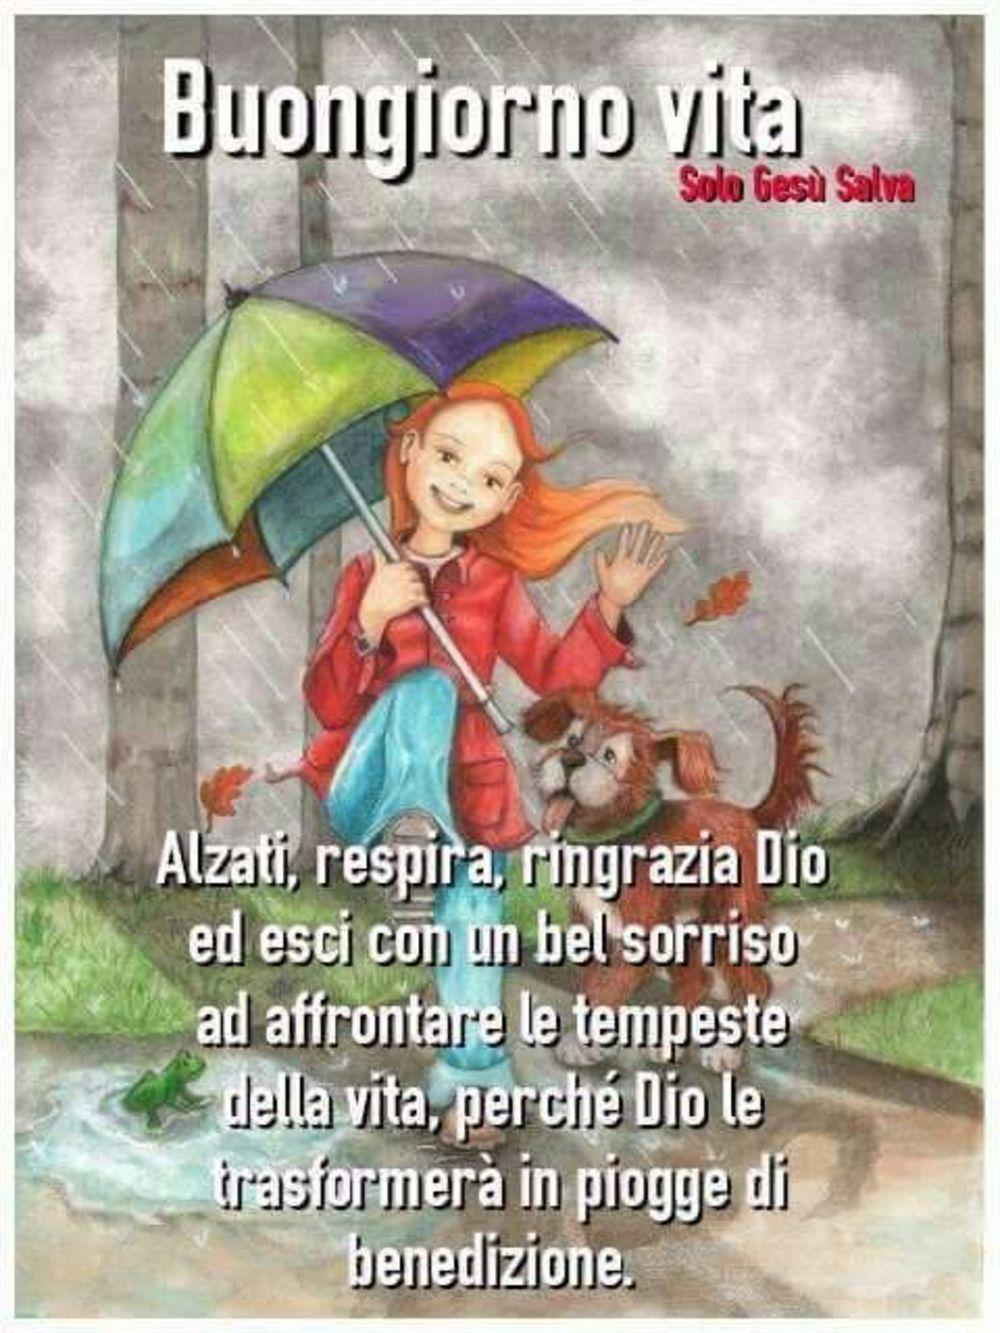 Piove Buongiorno immagini bellissime 483